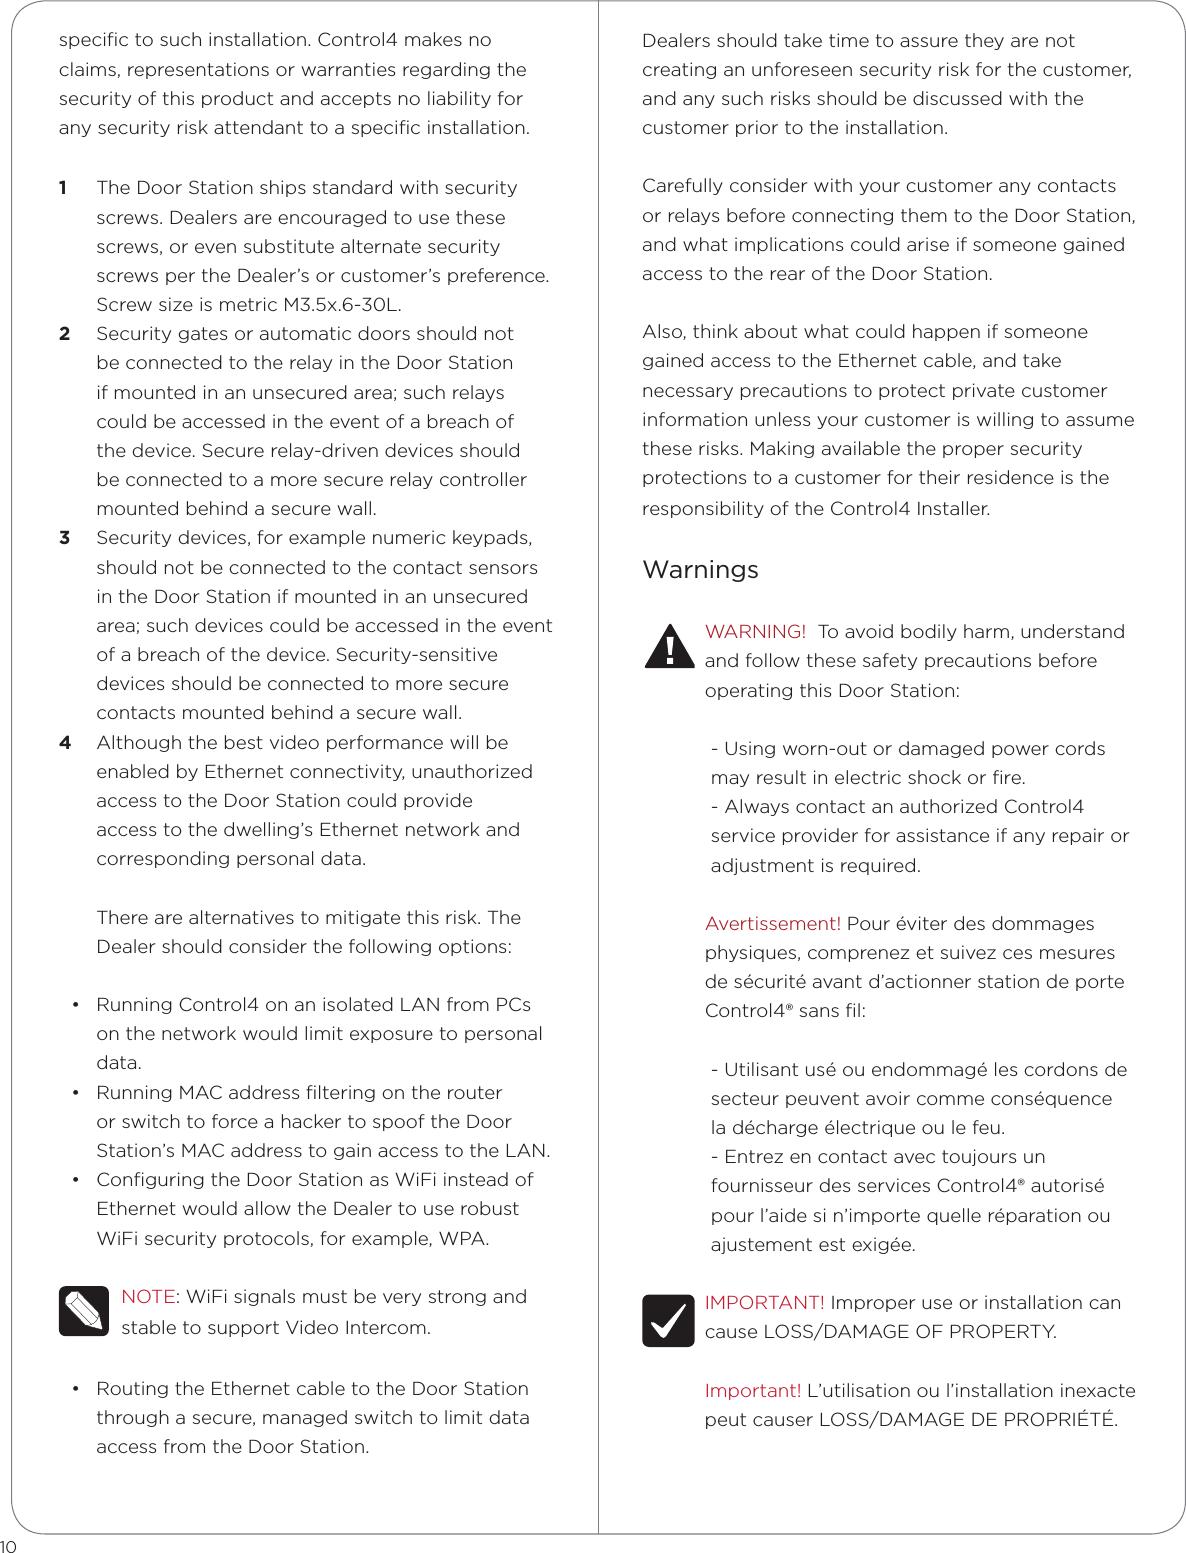 Torque Control Ls1tech Manual Guide